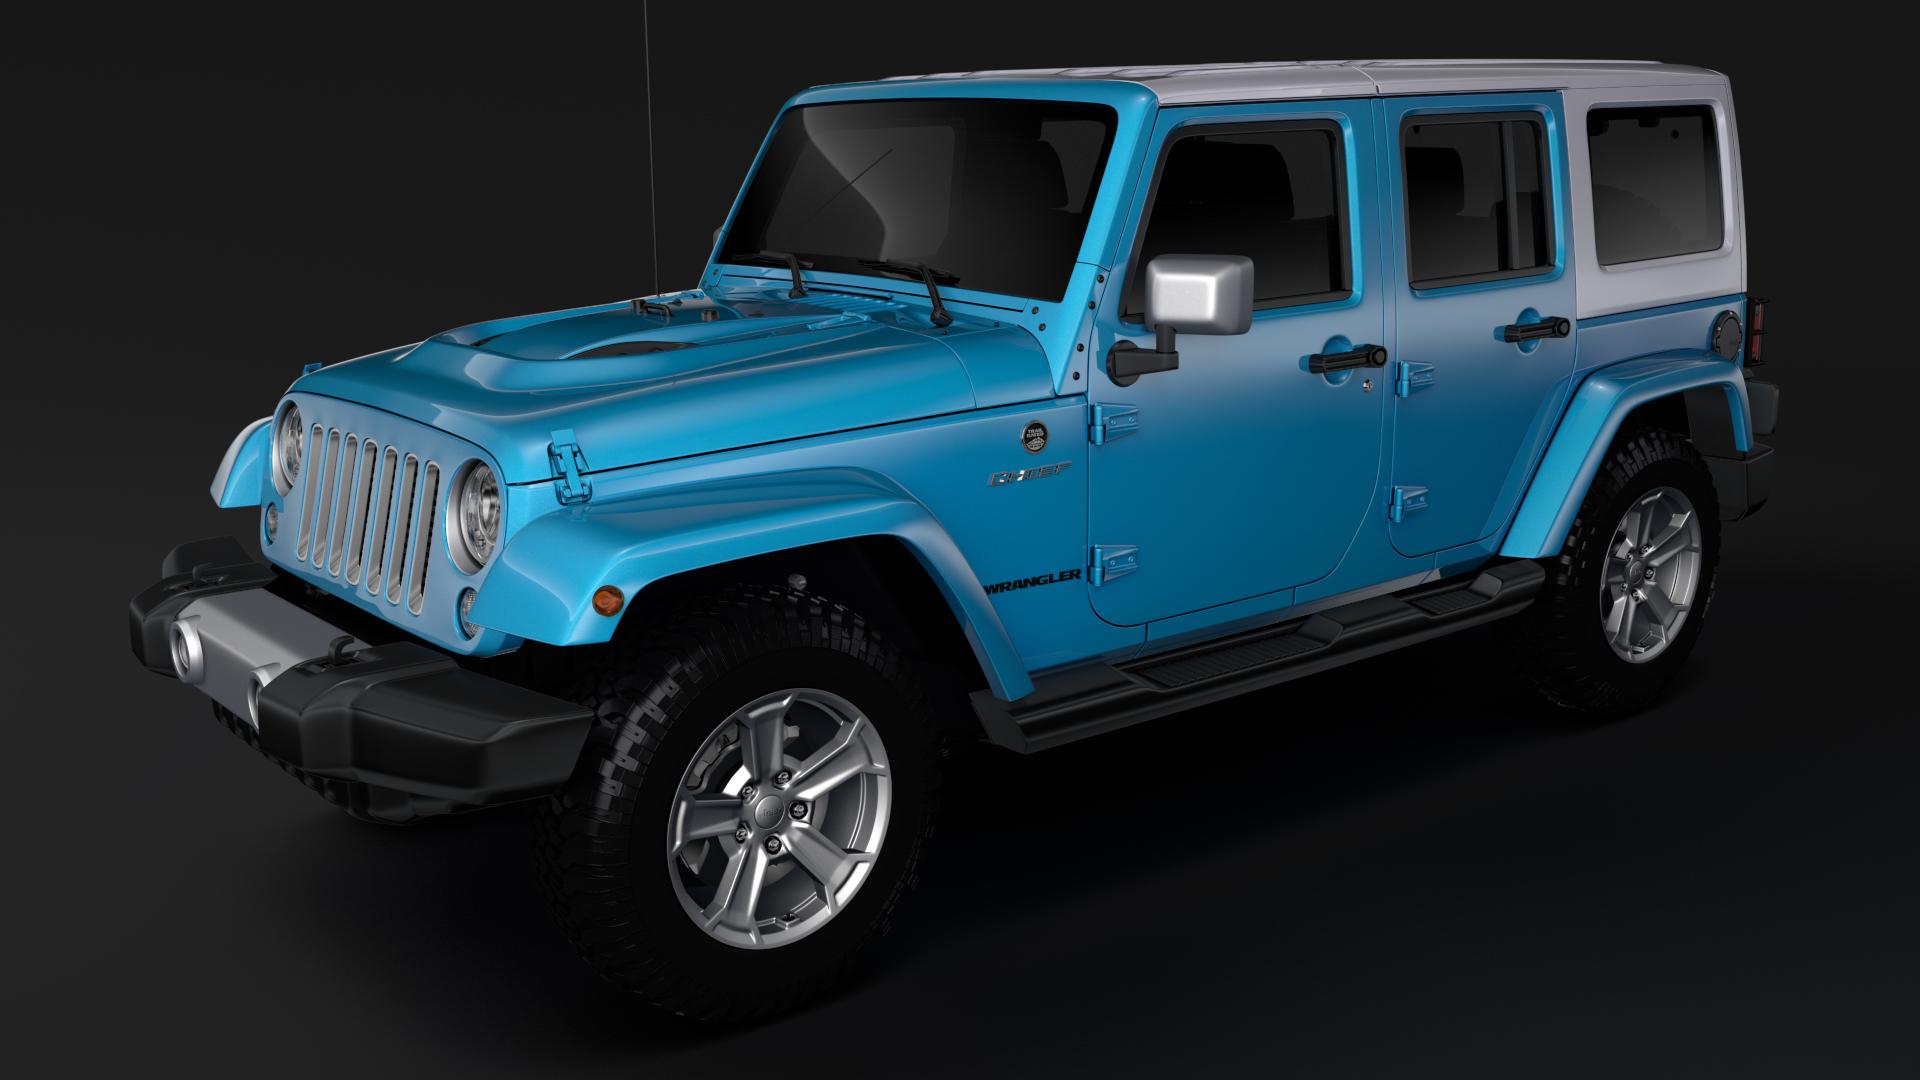 jeep wrangler unlimited chief jk 2017 3d model max fbx c4d lwo ma mb hrc xsi obj 276969